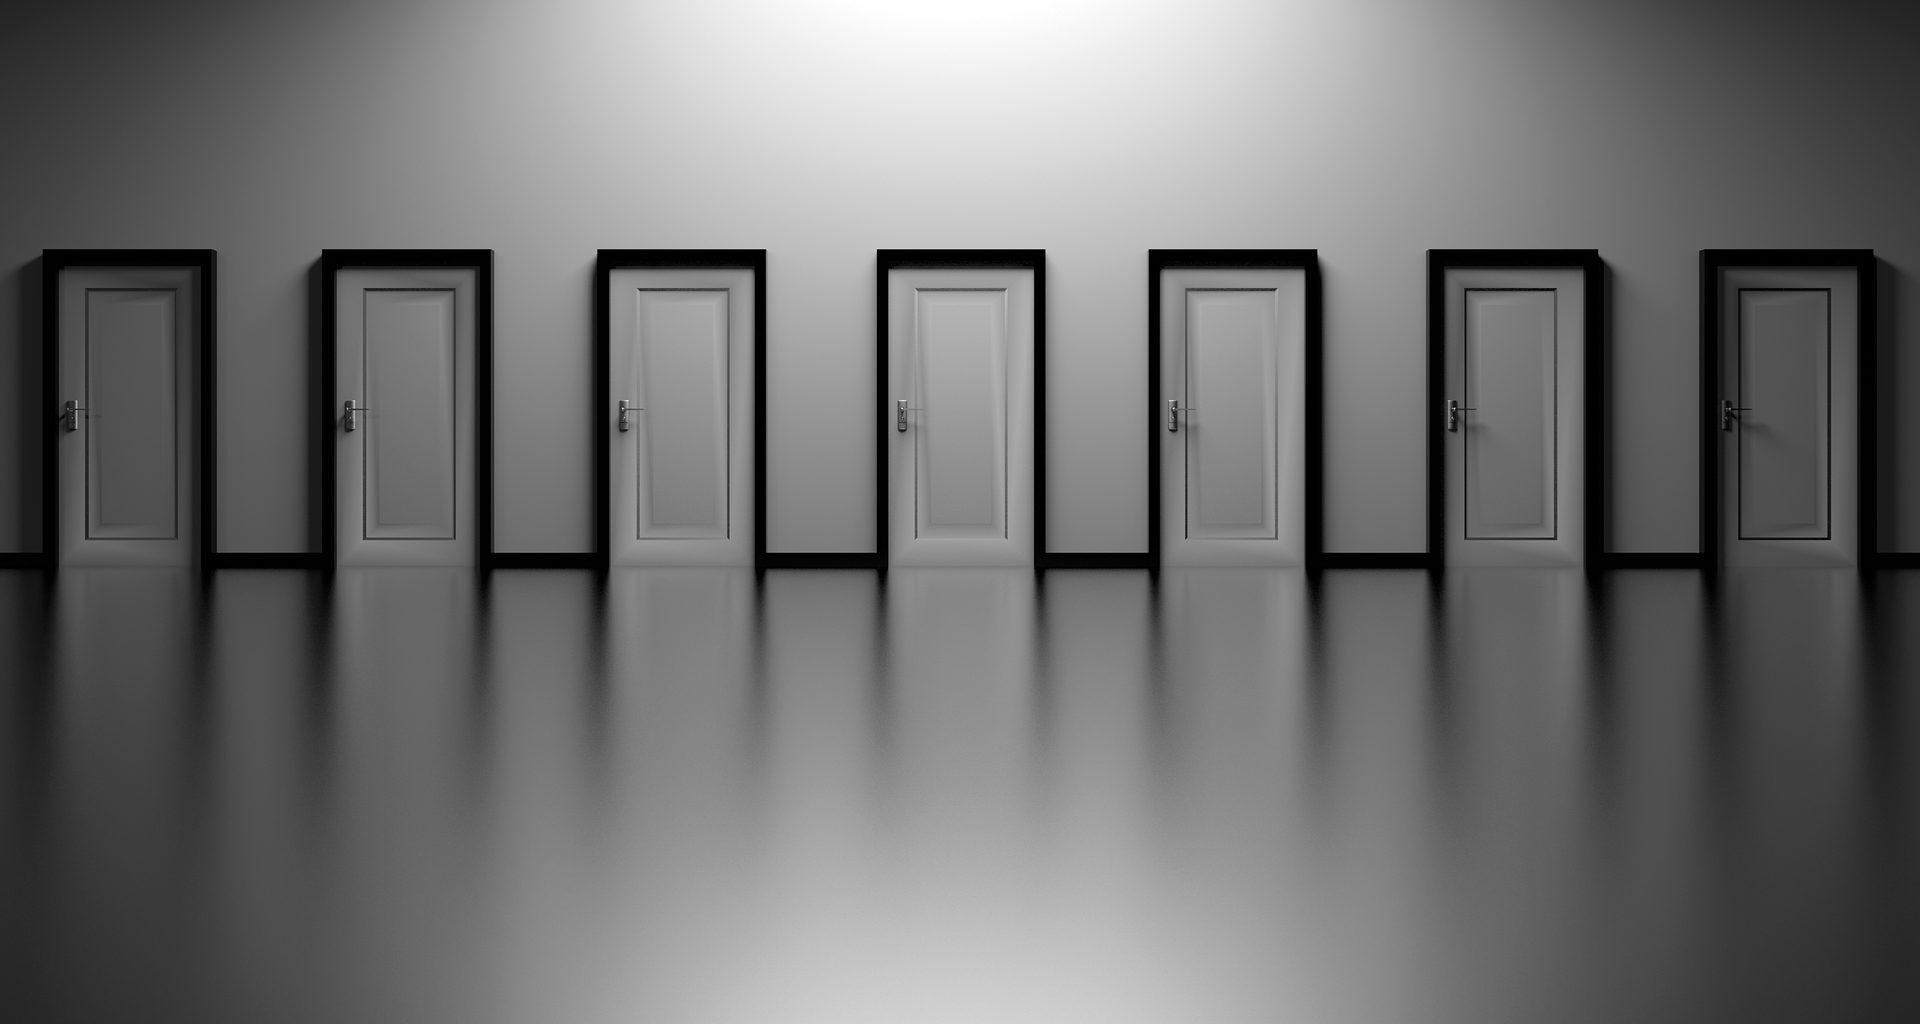 7 ovea rivissä vaaleaa seinää vasten